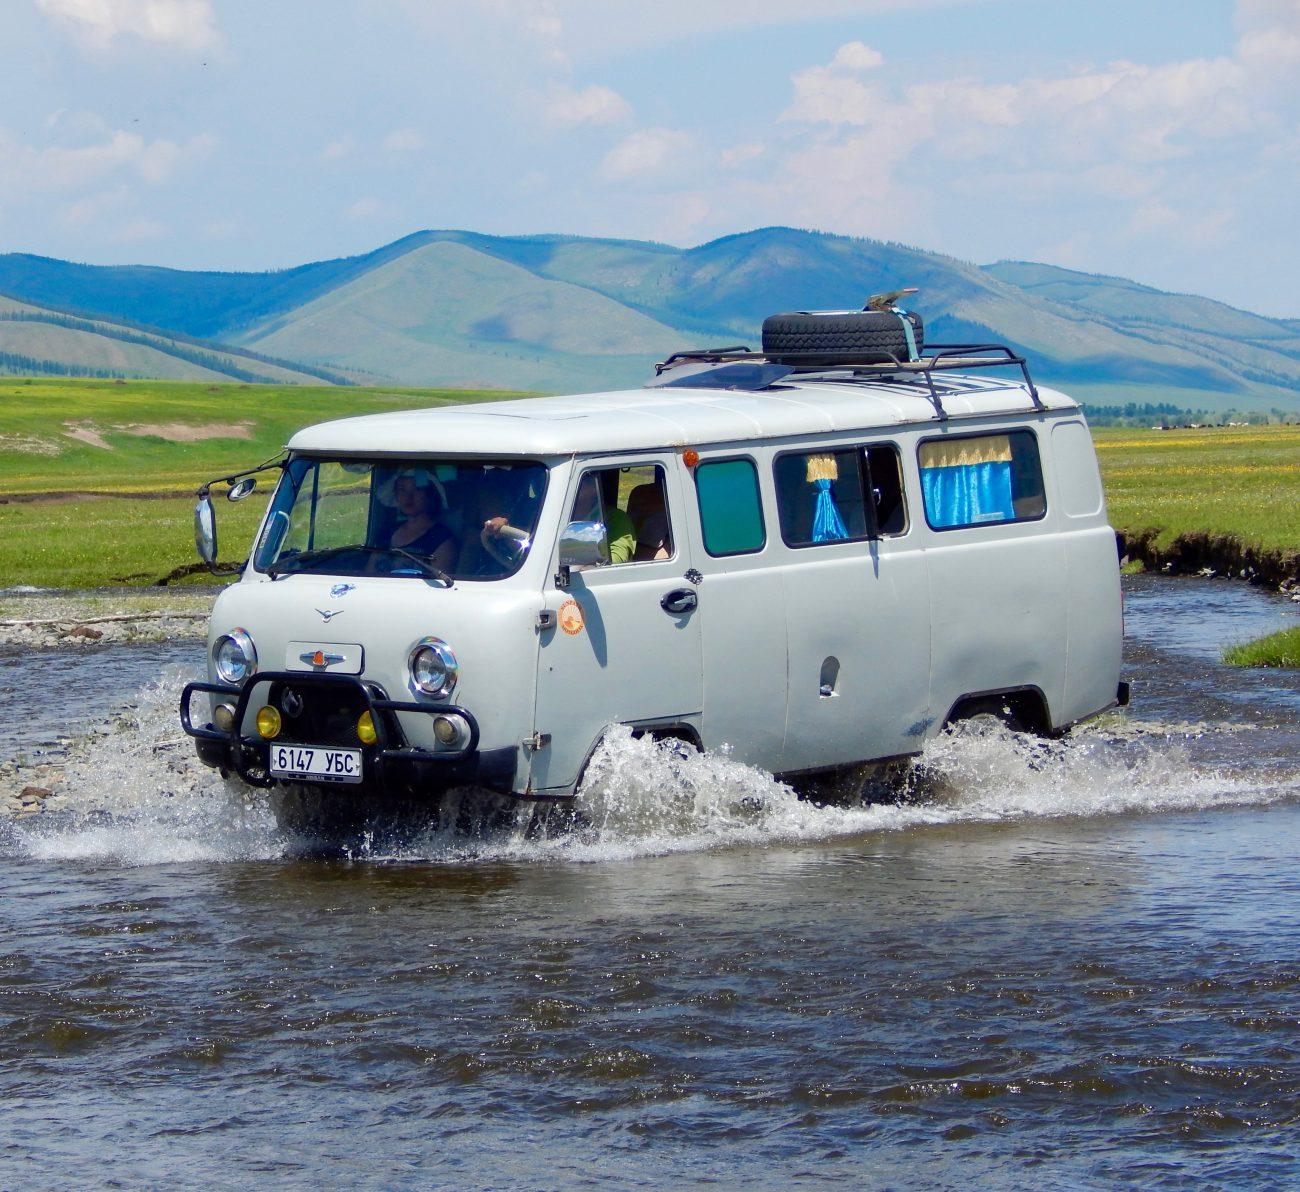 Traversée 4X4 de la rivière Orkhon en Mongolie